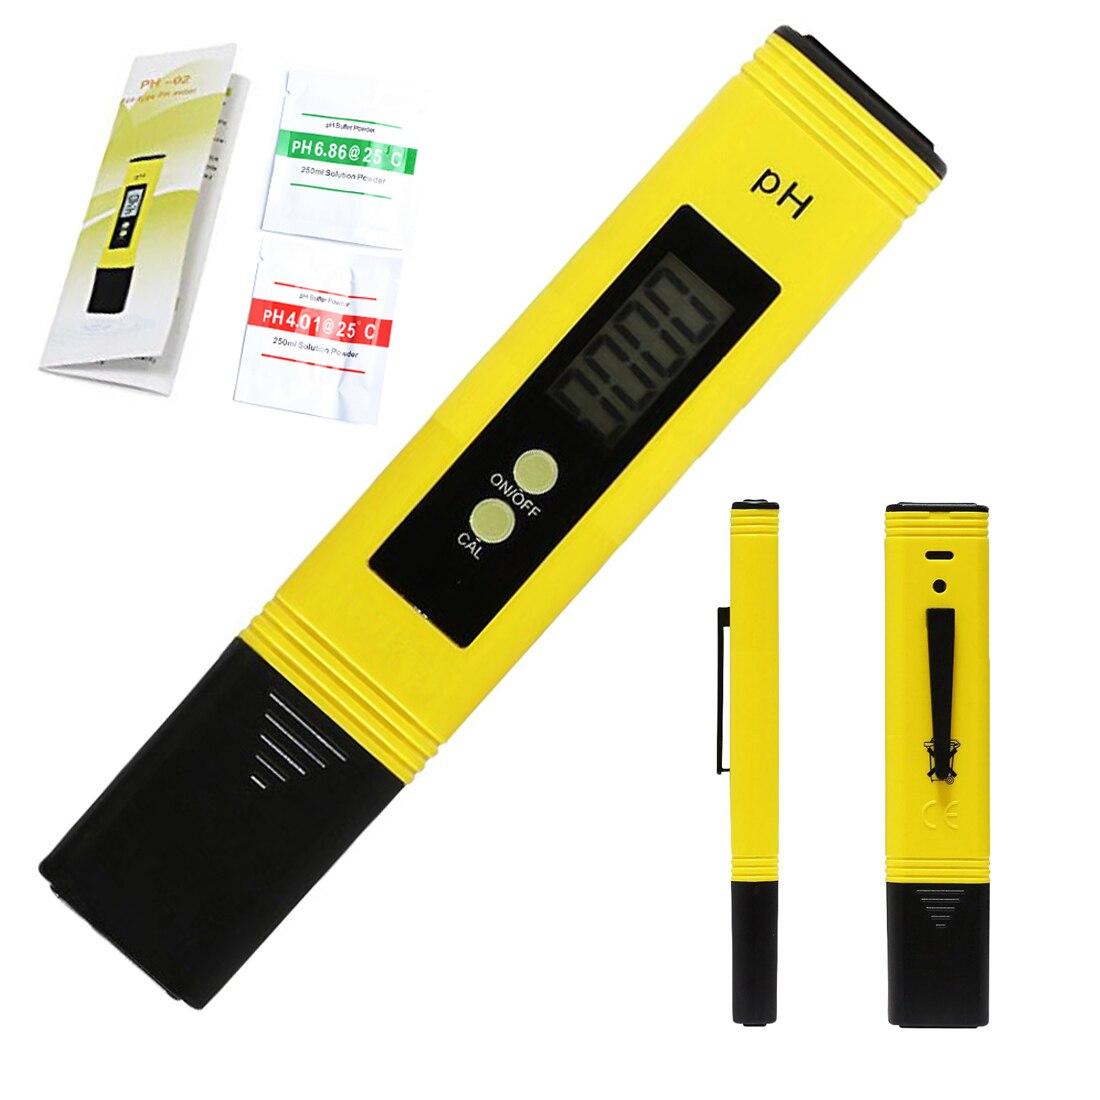 Digital LCD PH Meter Stift von Tester Genauigkeit 0,1 Aquarium Pool Wasser Wein Urin Automatische Kalibrierung